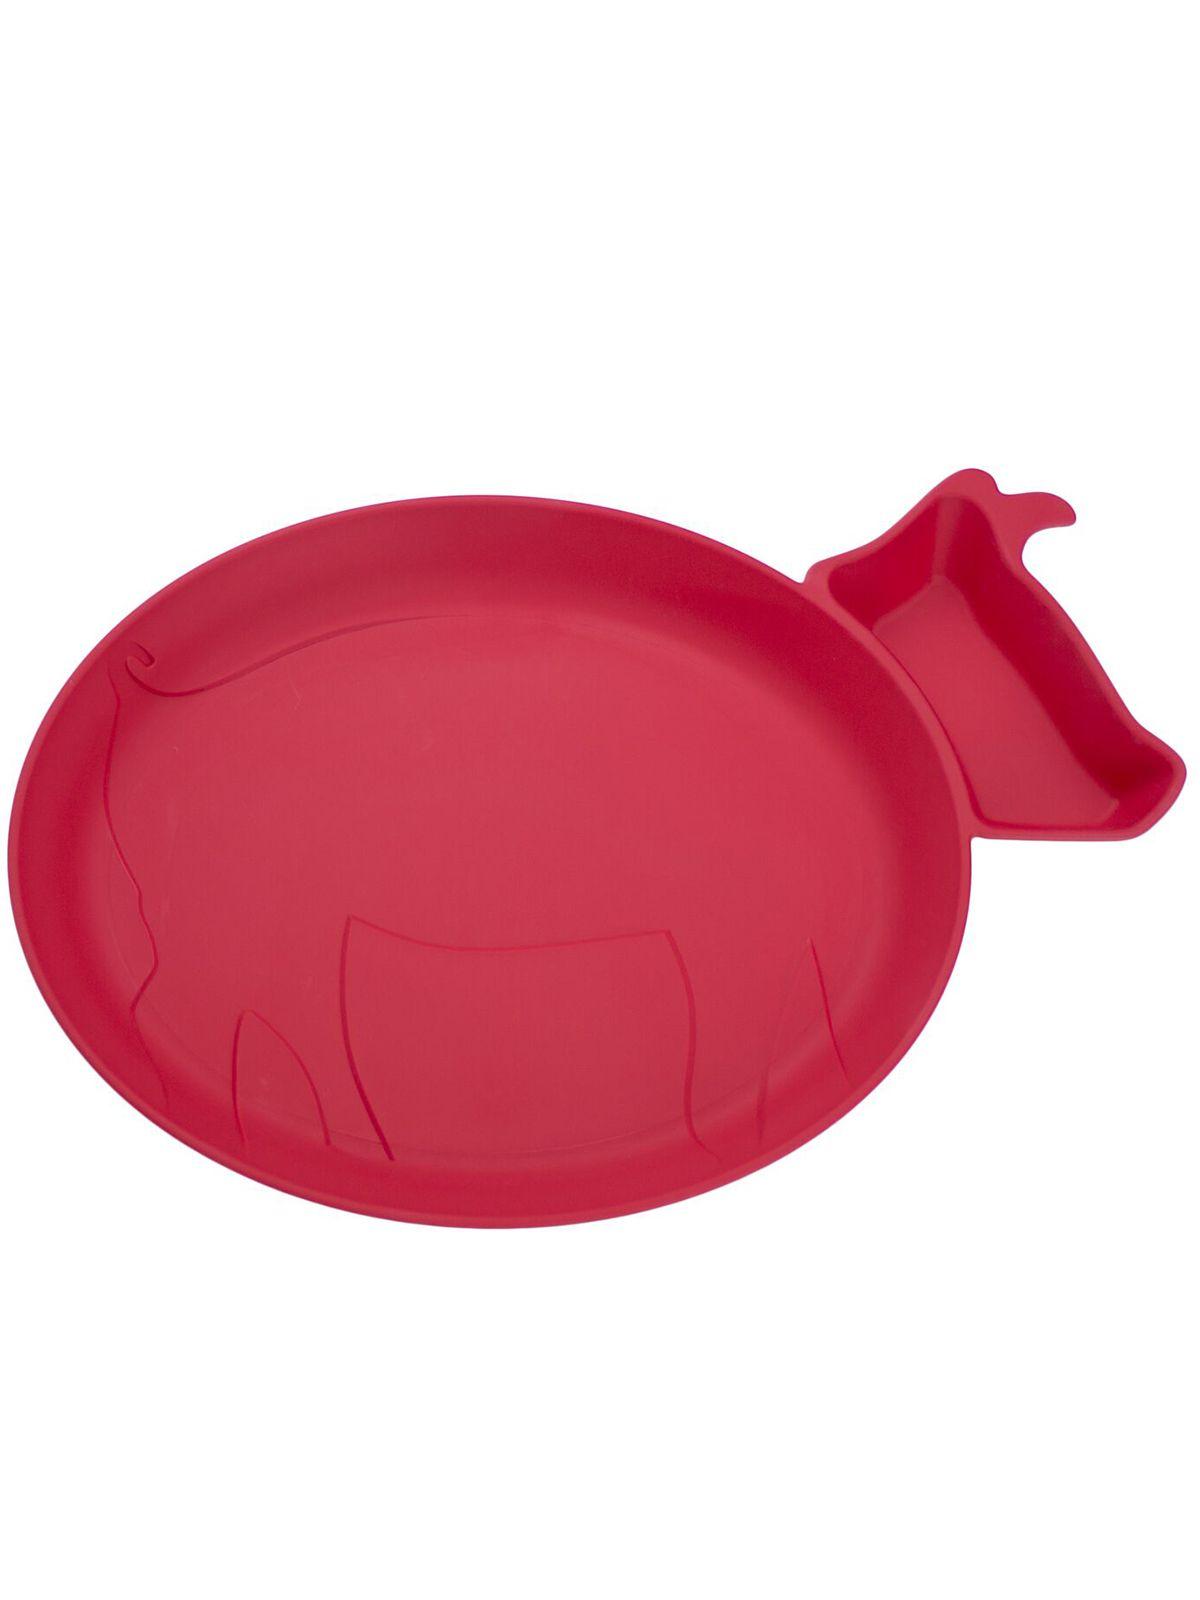 Пинкл (Pinkl) | Детская тарелка для кормления dipPLATEs красный поросенок | Jjrabbit Dipplate Piglet Red